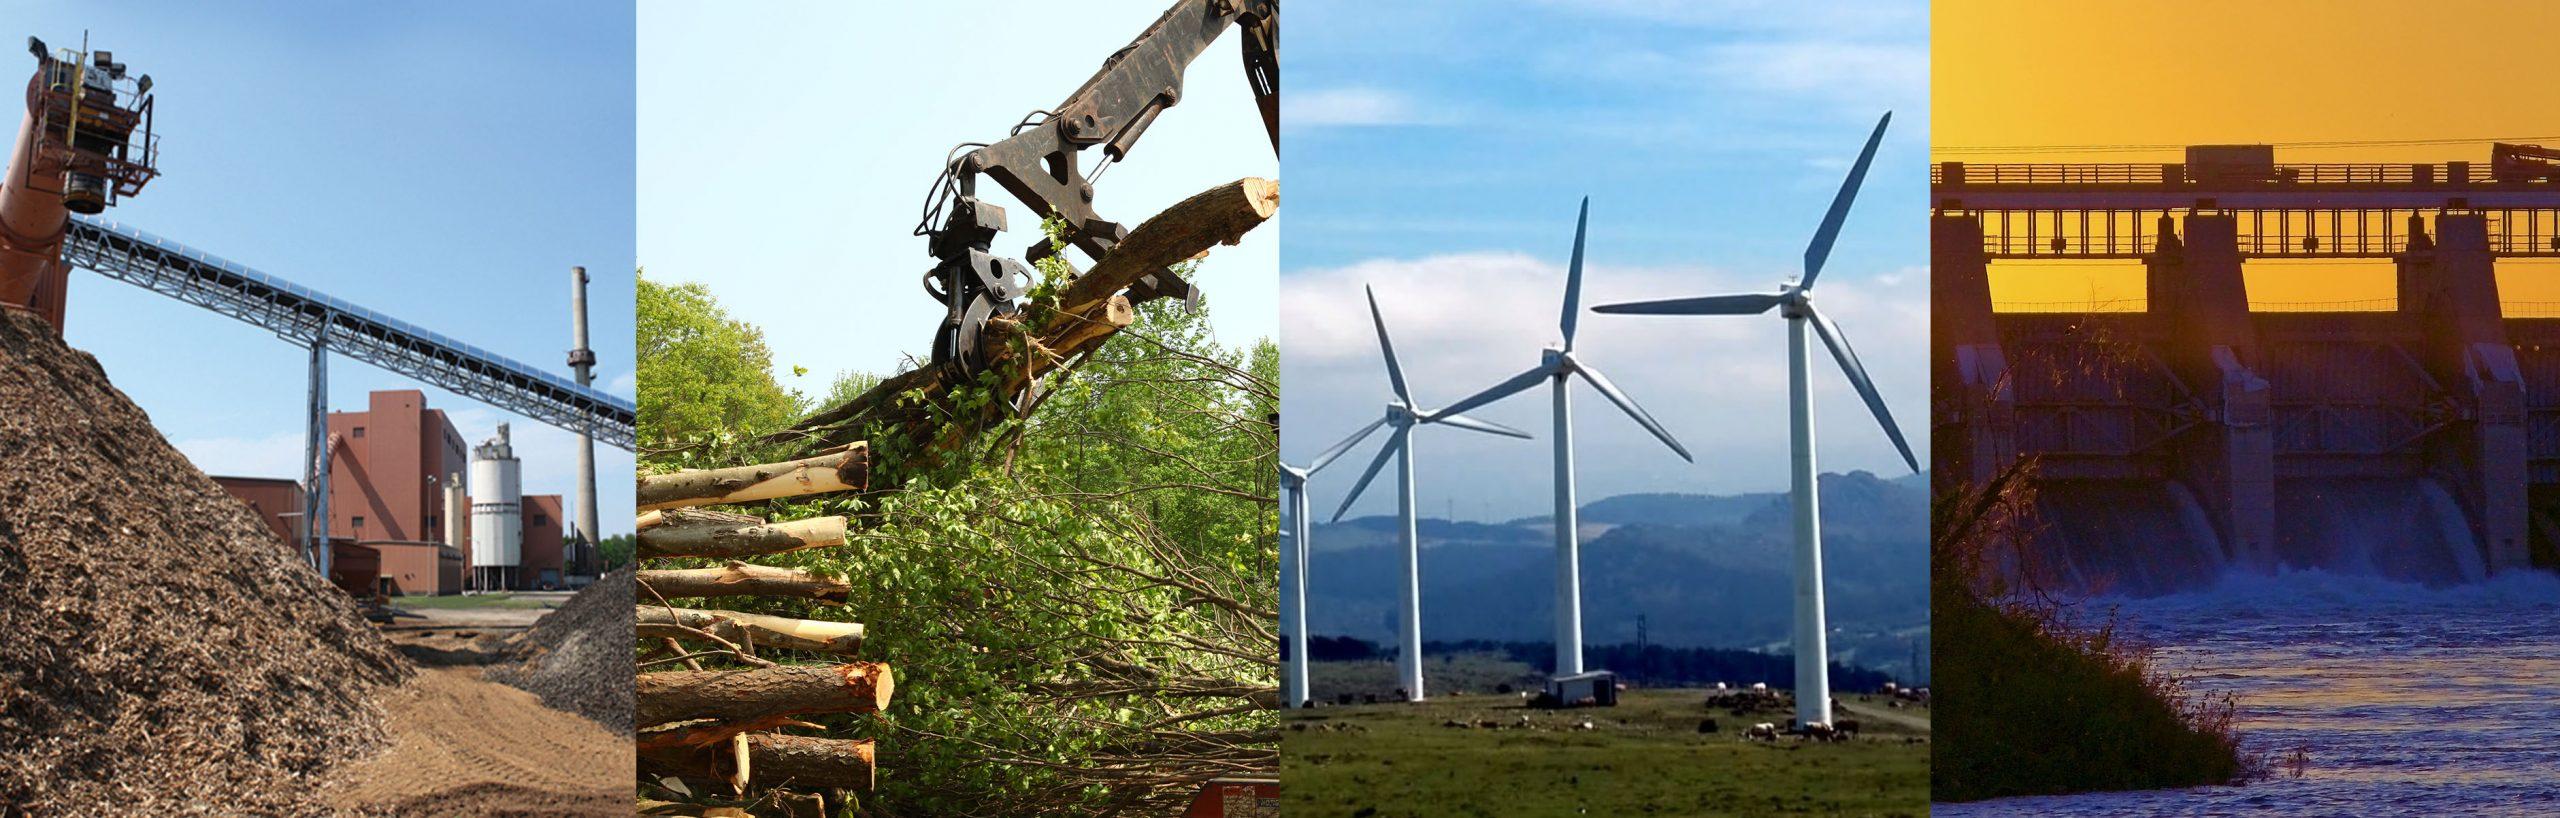 Images displaying renewable energy